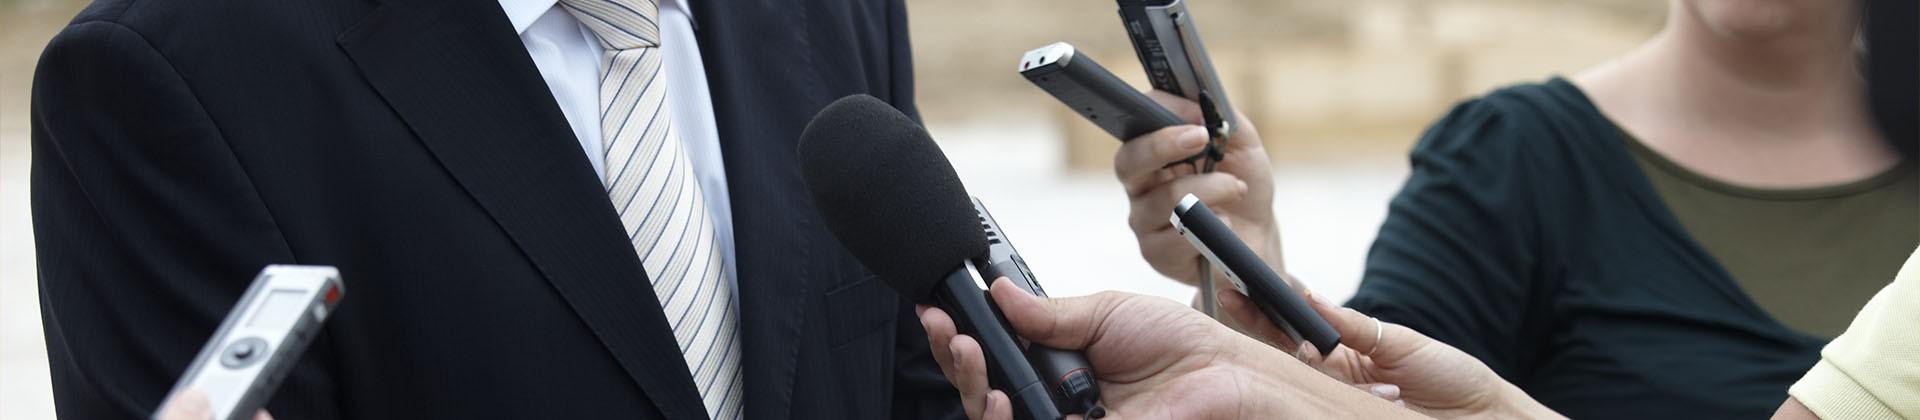 O perfil de um assessor de imprensa 3